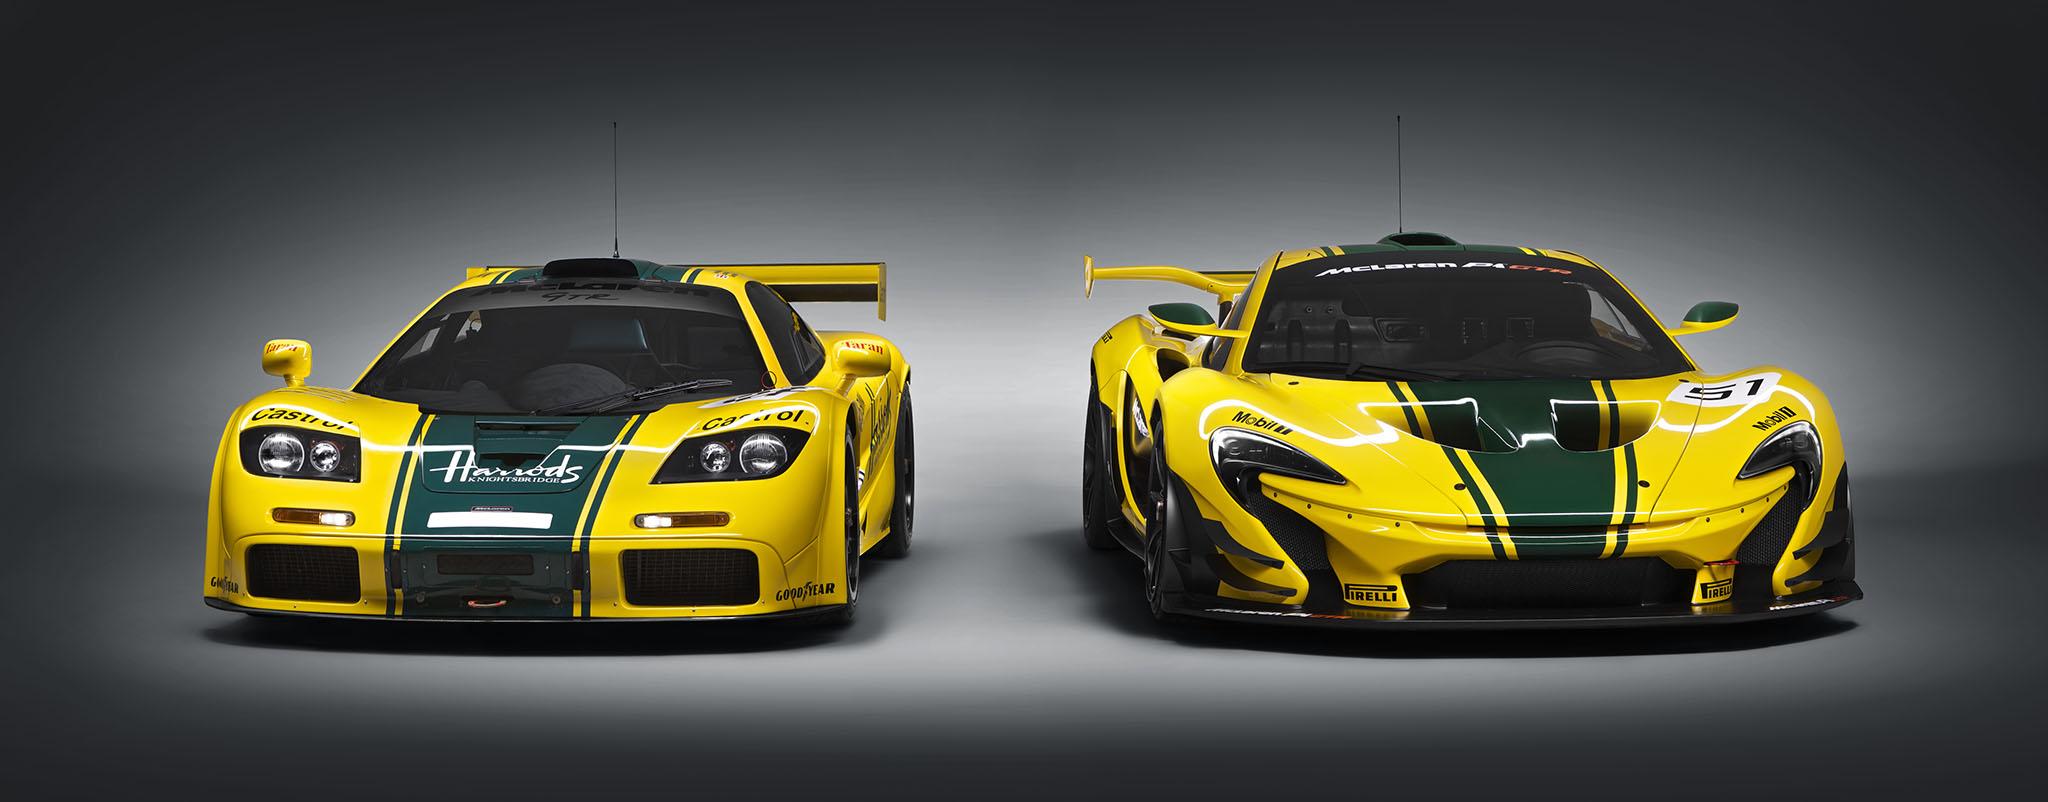 McLarenP1GTR 09